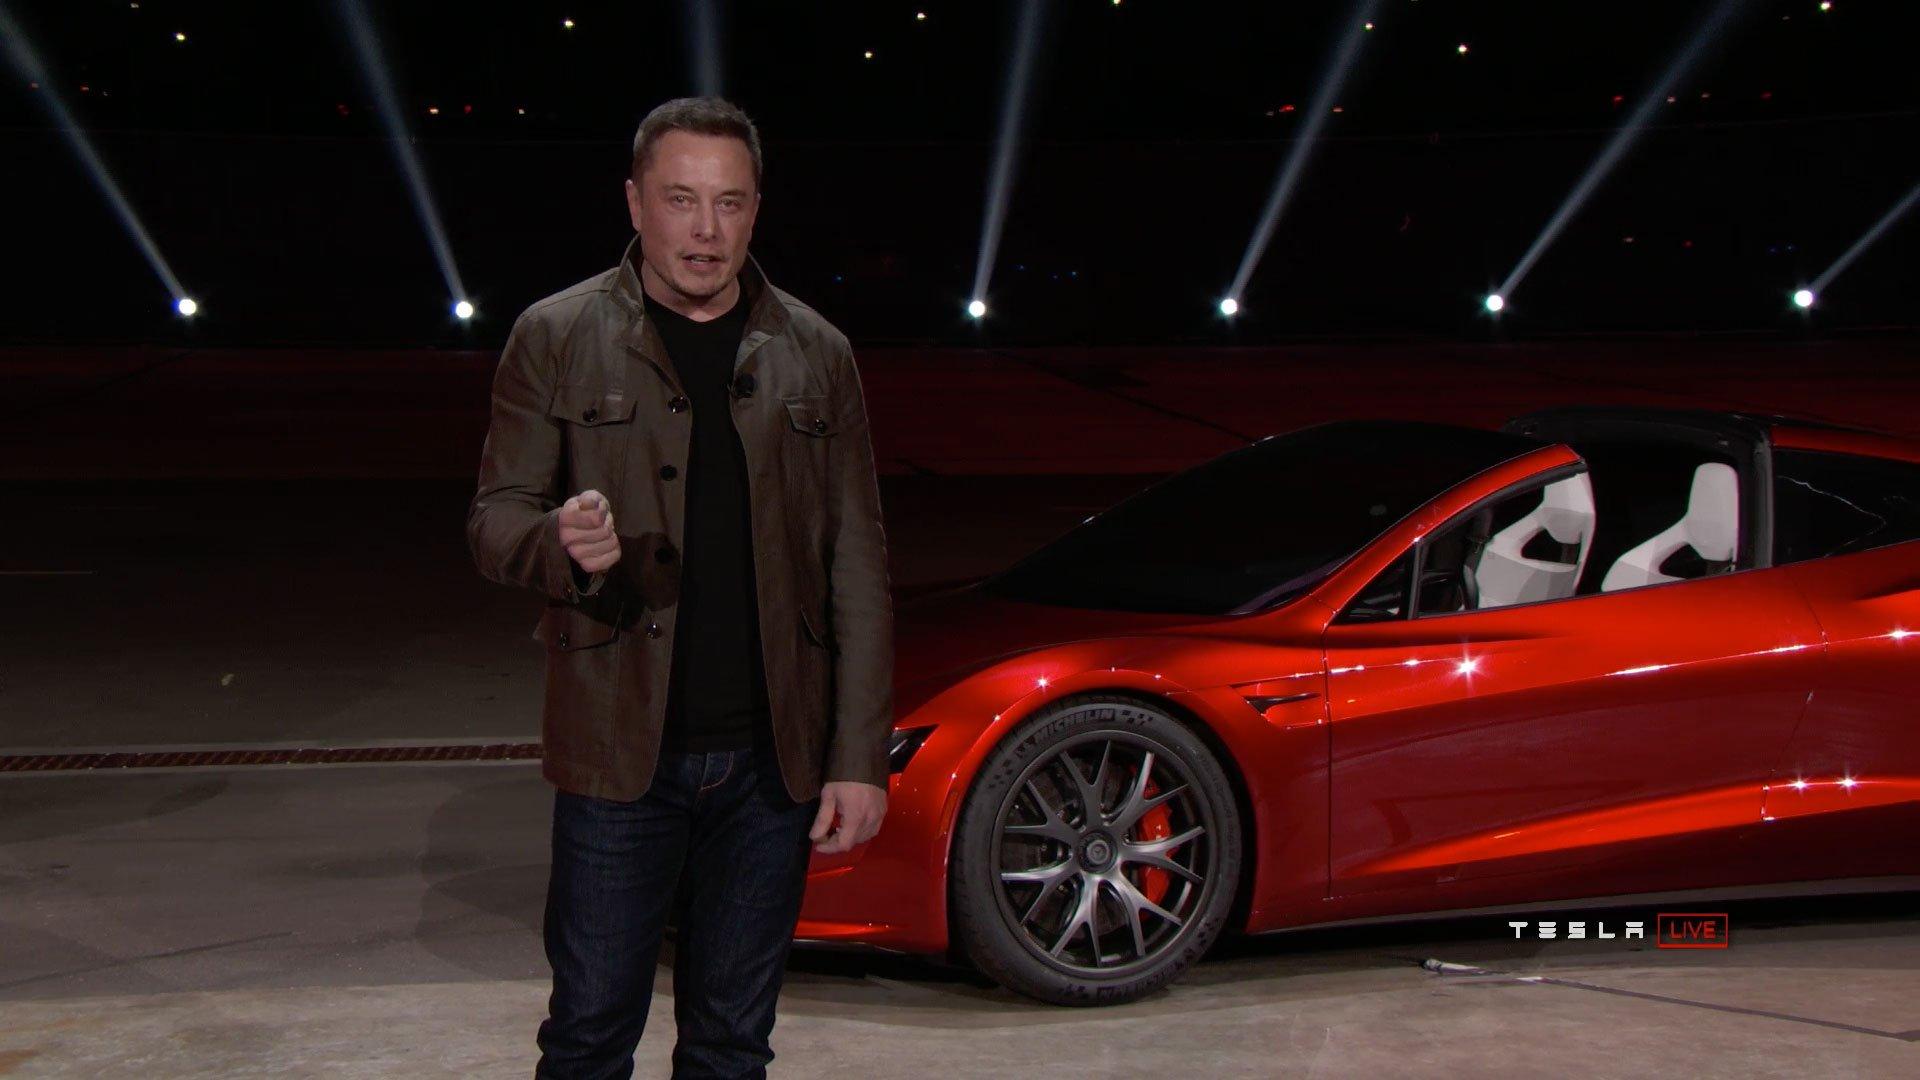 Elon Musk shocks with new Tesla Roadster https://t.co/ByO08ggQKv https://t.co/K4GOihCXw8